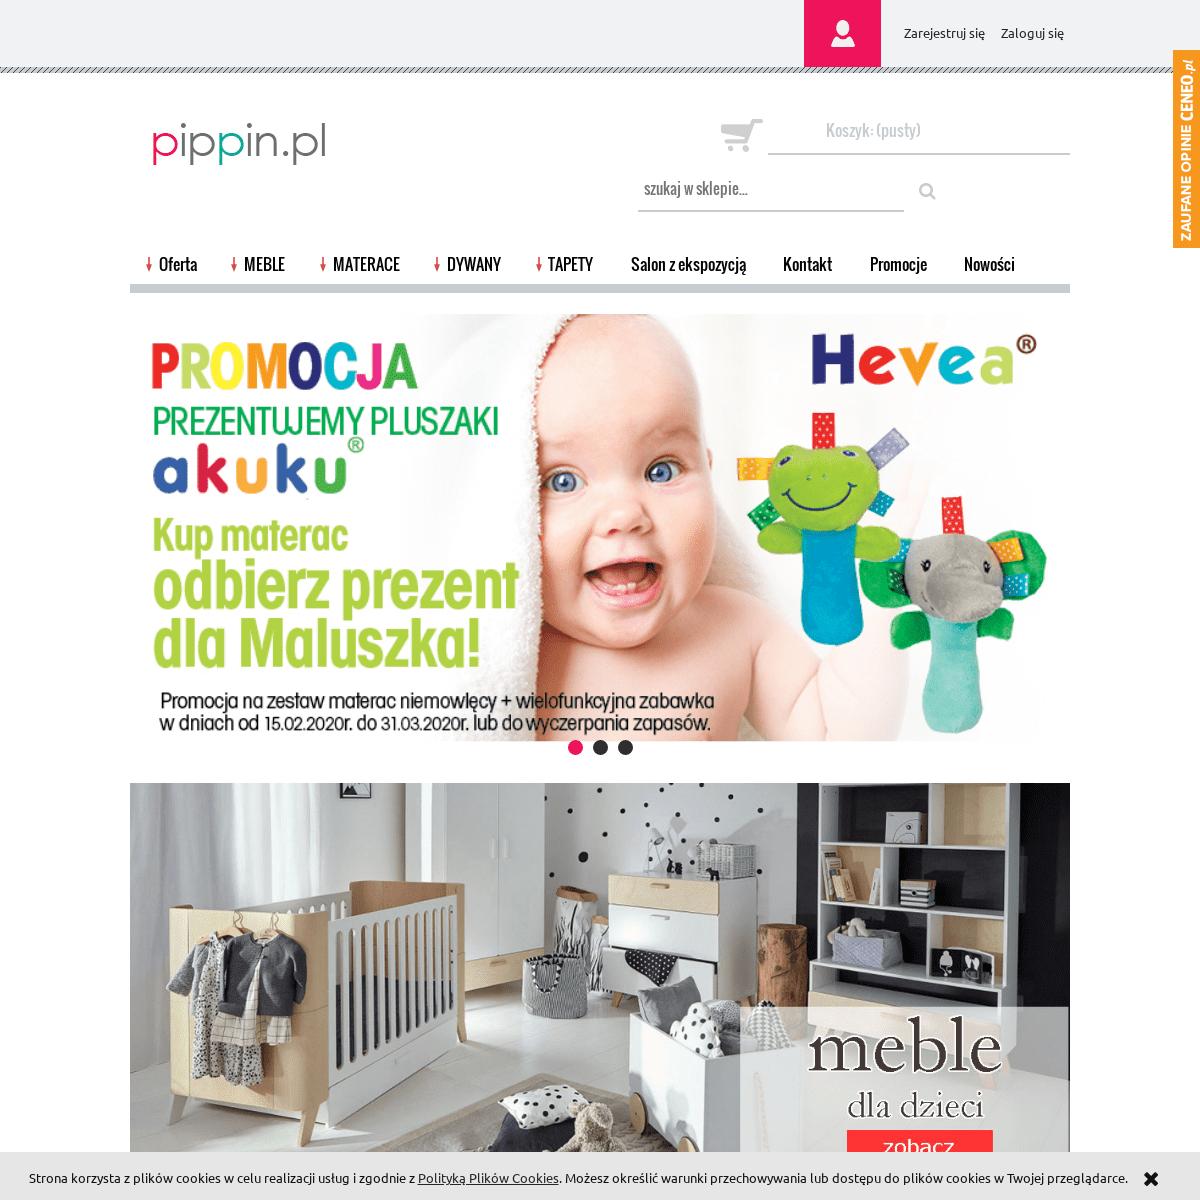 pippin.pl - Meble dziecięce i młodzieżowe - Sklep